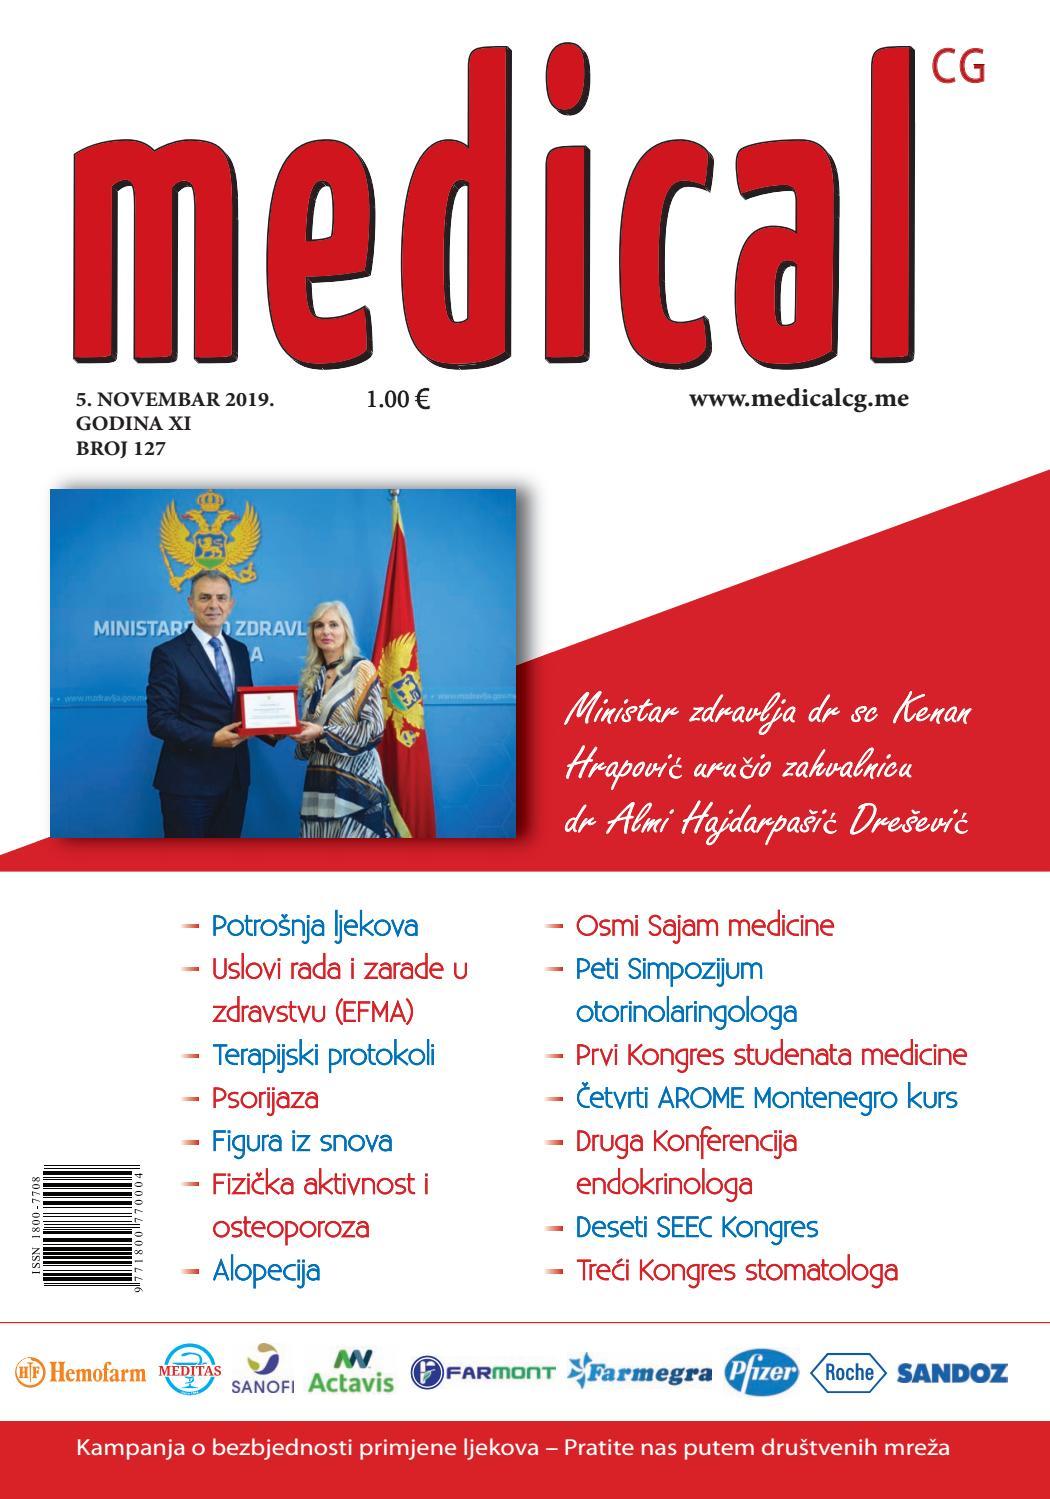 hipertenzija u smislu psihosomatske medicine)